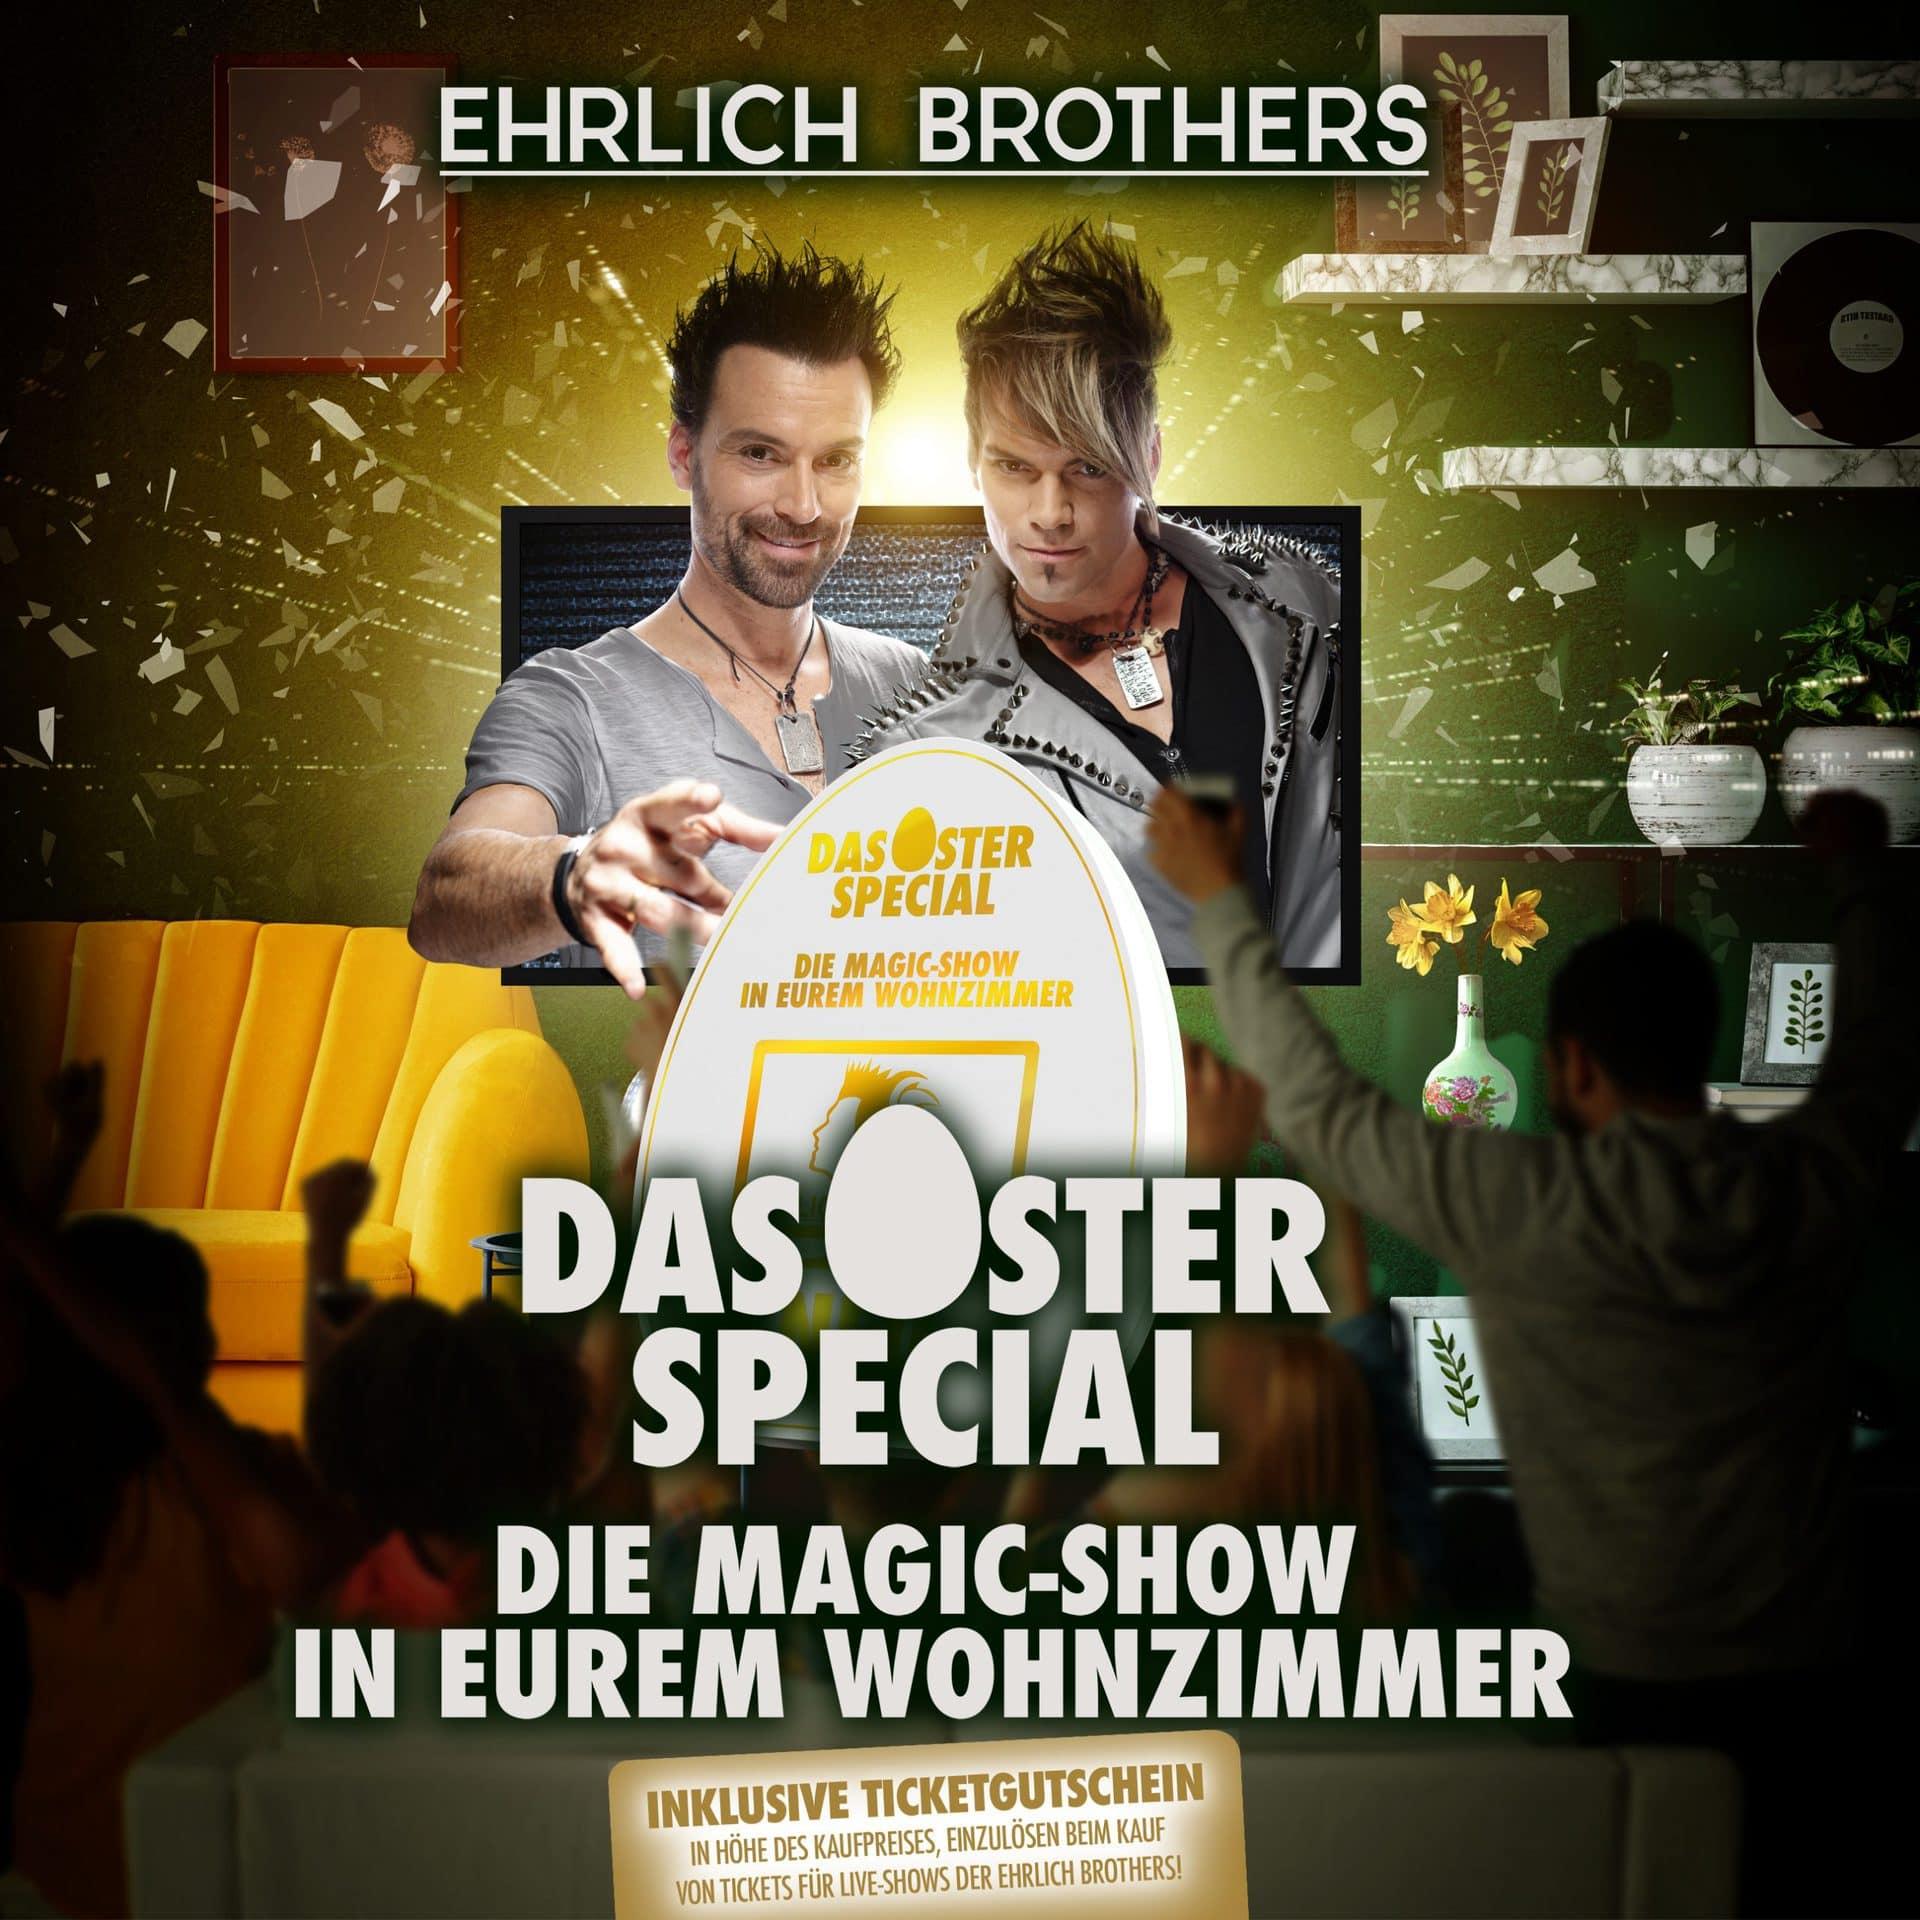 Neue Streamingshow der Ehrlich Brothers Blizz verlost fünf Familienboxen für die Magic-Show im eigenen Wohnzimmer